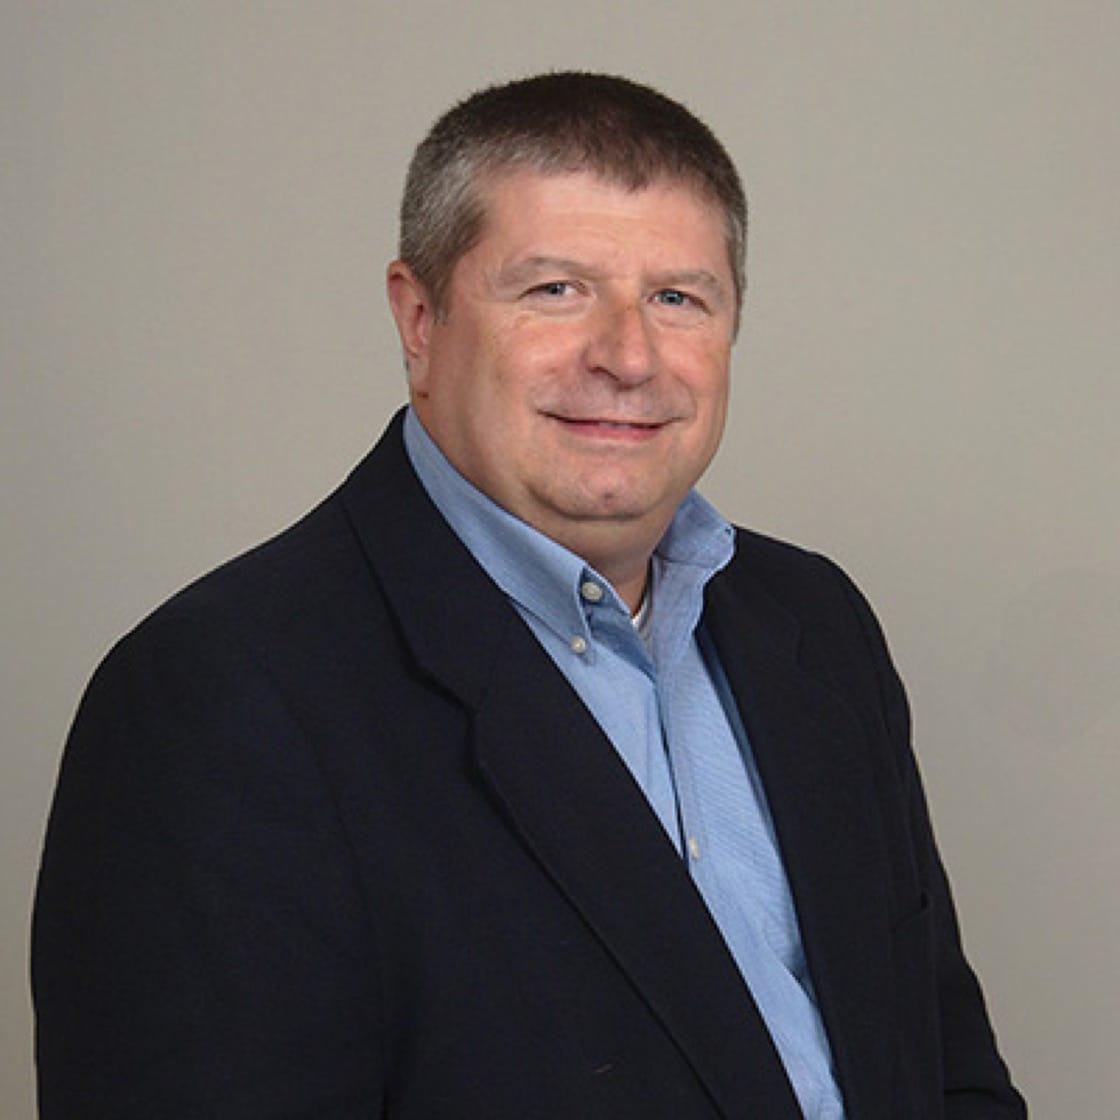 Joe Czerwinski